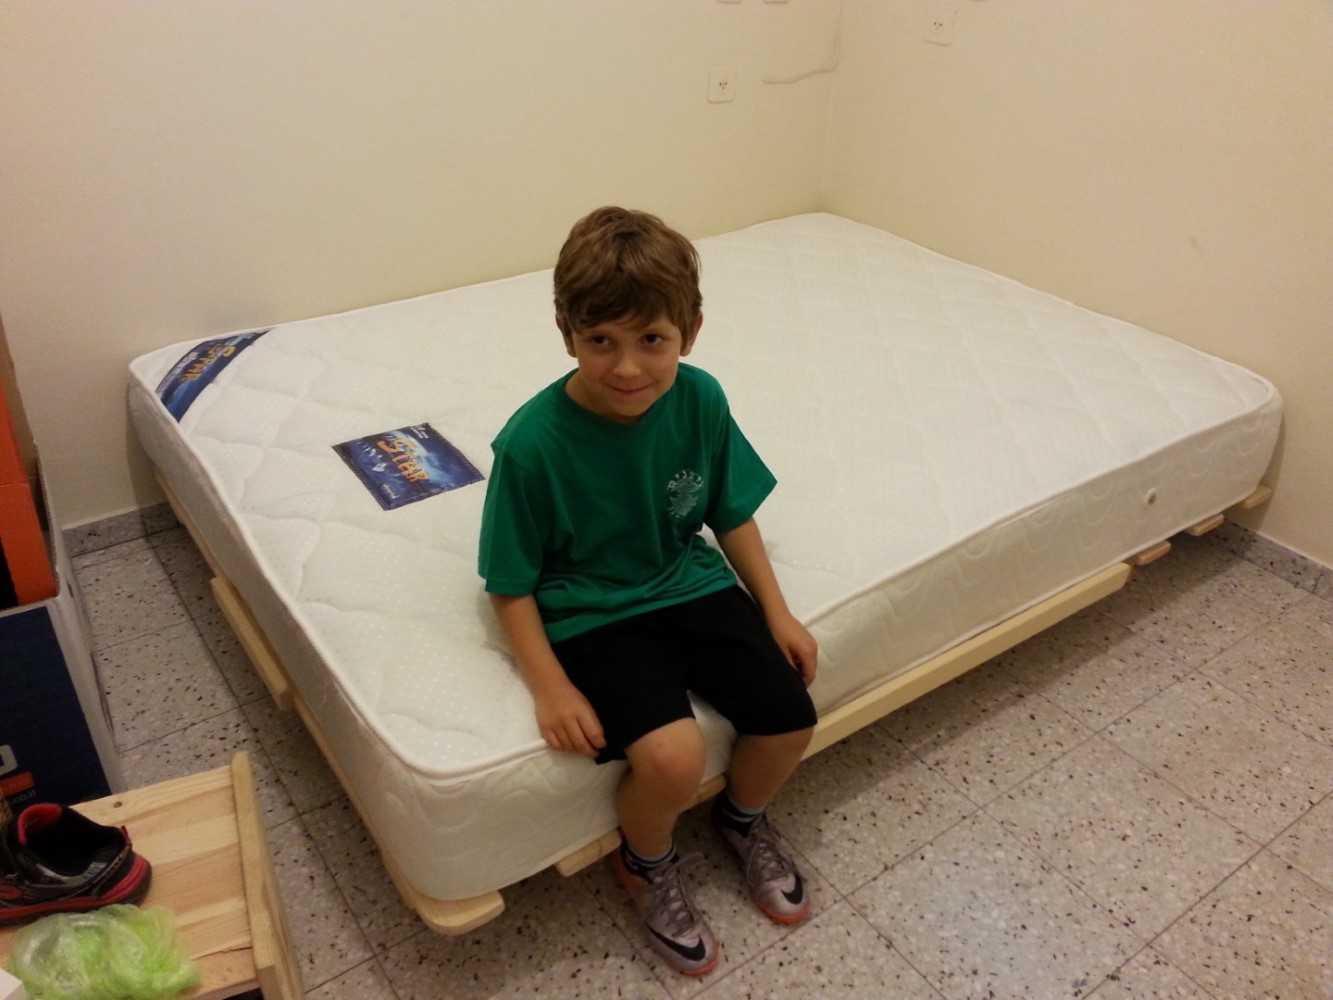 ילד יושב על מזרן שנרכש במפעלי טום